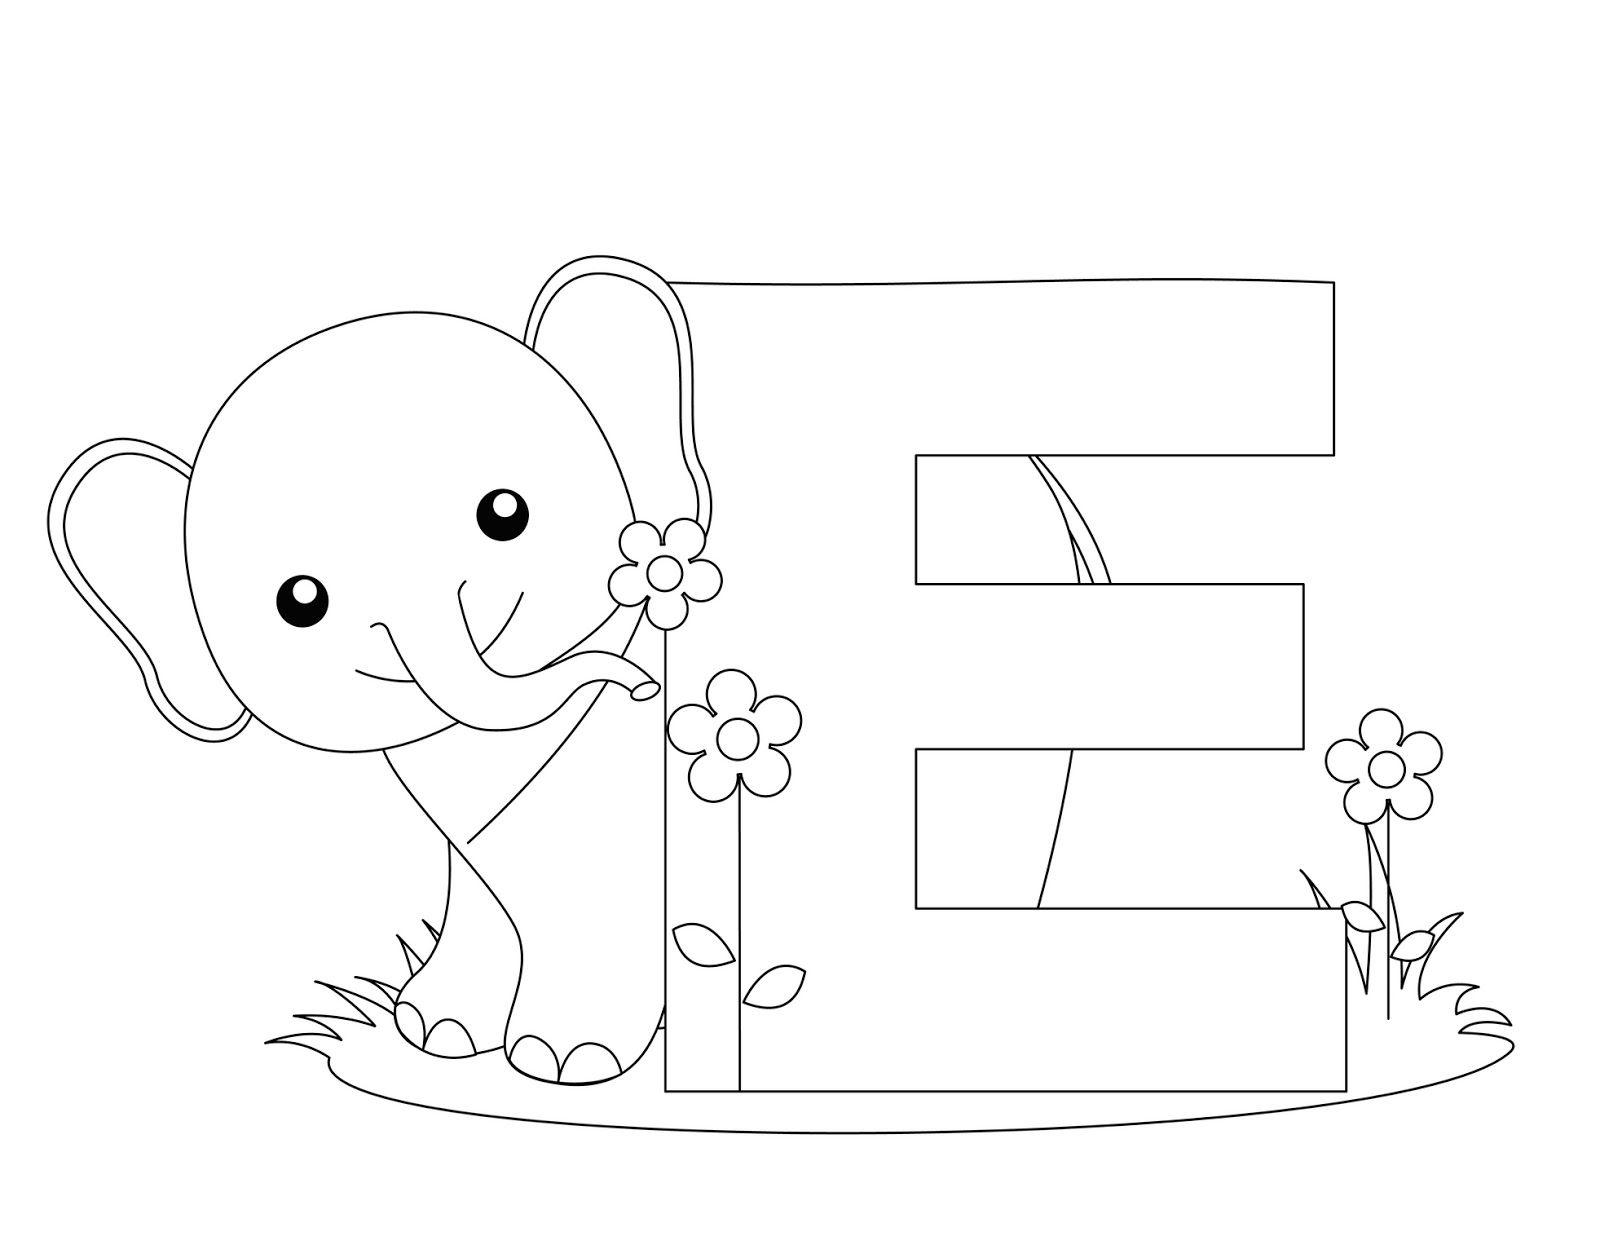 Animal Alphabet Letter E Coloring Elephant Abc Coloring Pages Elephant Coloring Page Free Printable Alphabet Letters